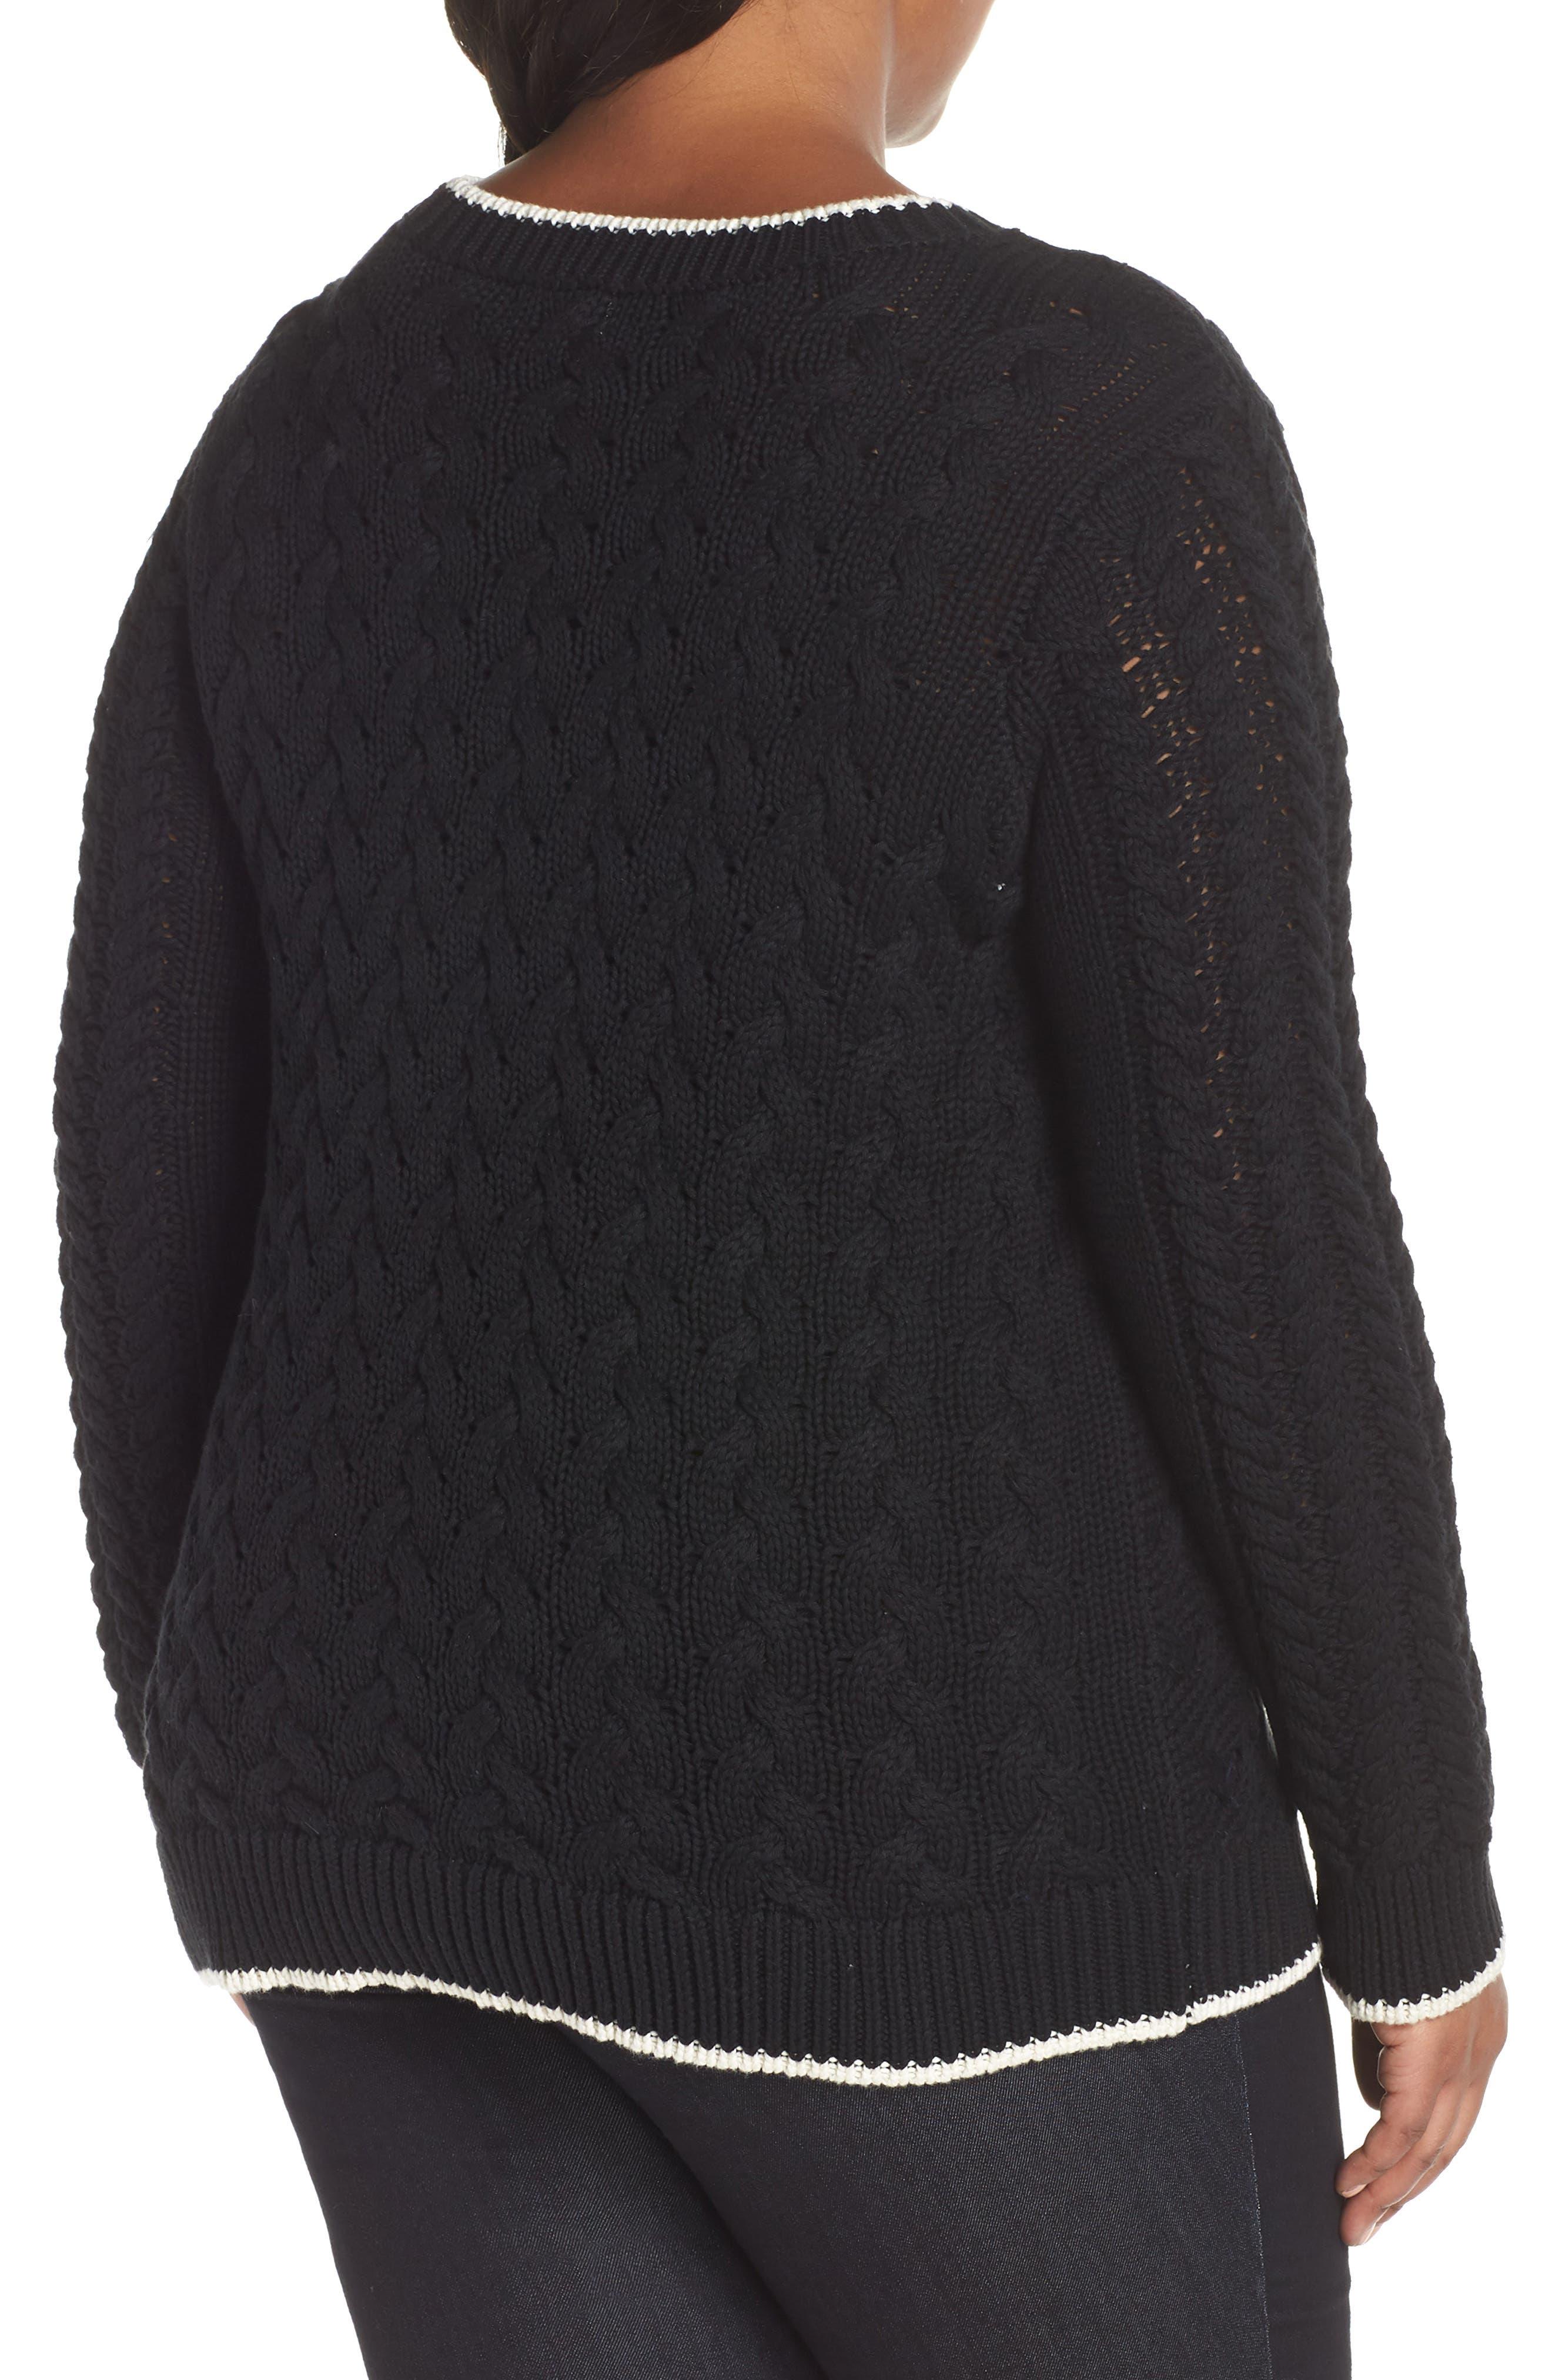 Contrast Trim Cable Sweater,                             Alternate thumbnail 2, color,                             RICH BLACK